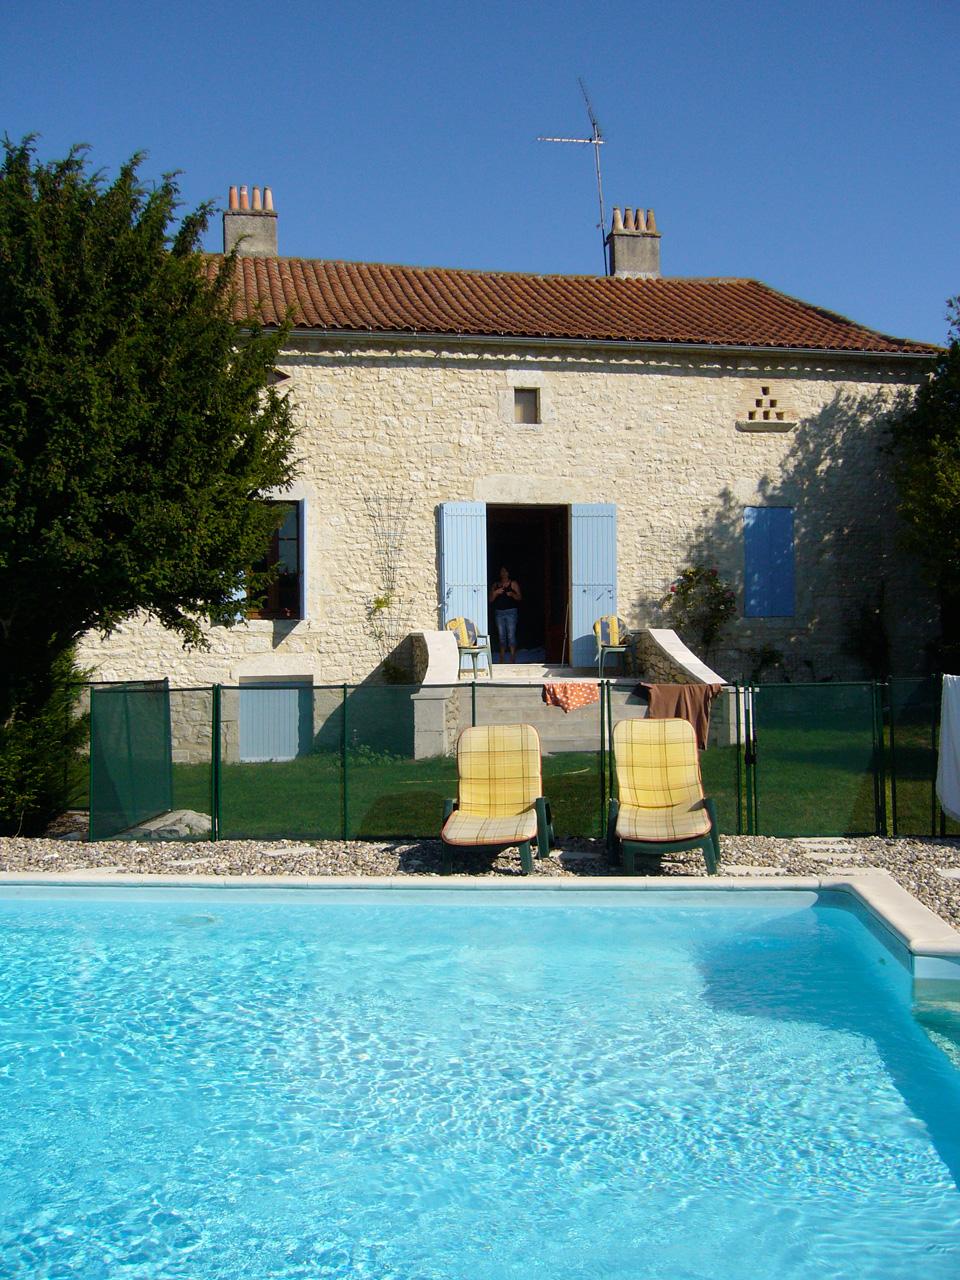 La Roche - Swimming Pool